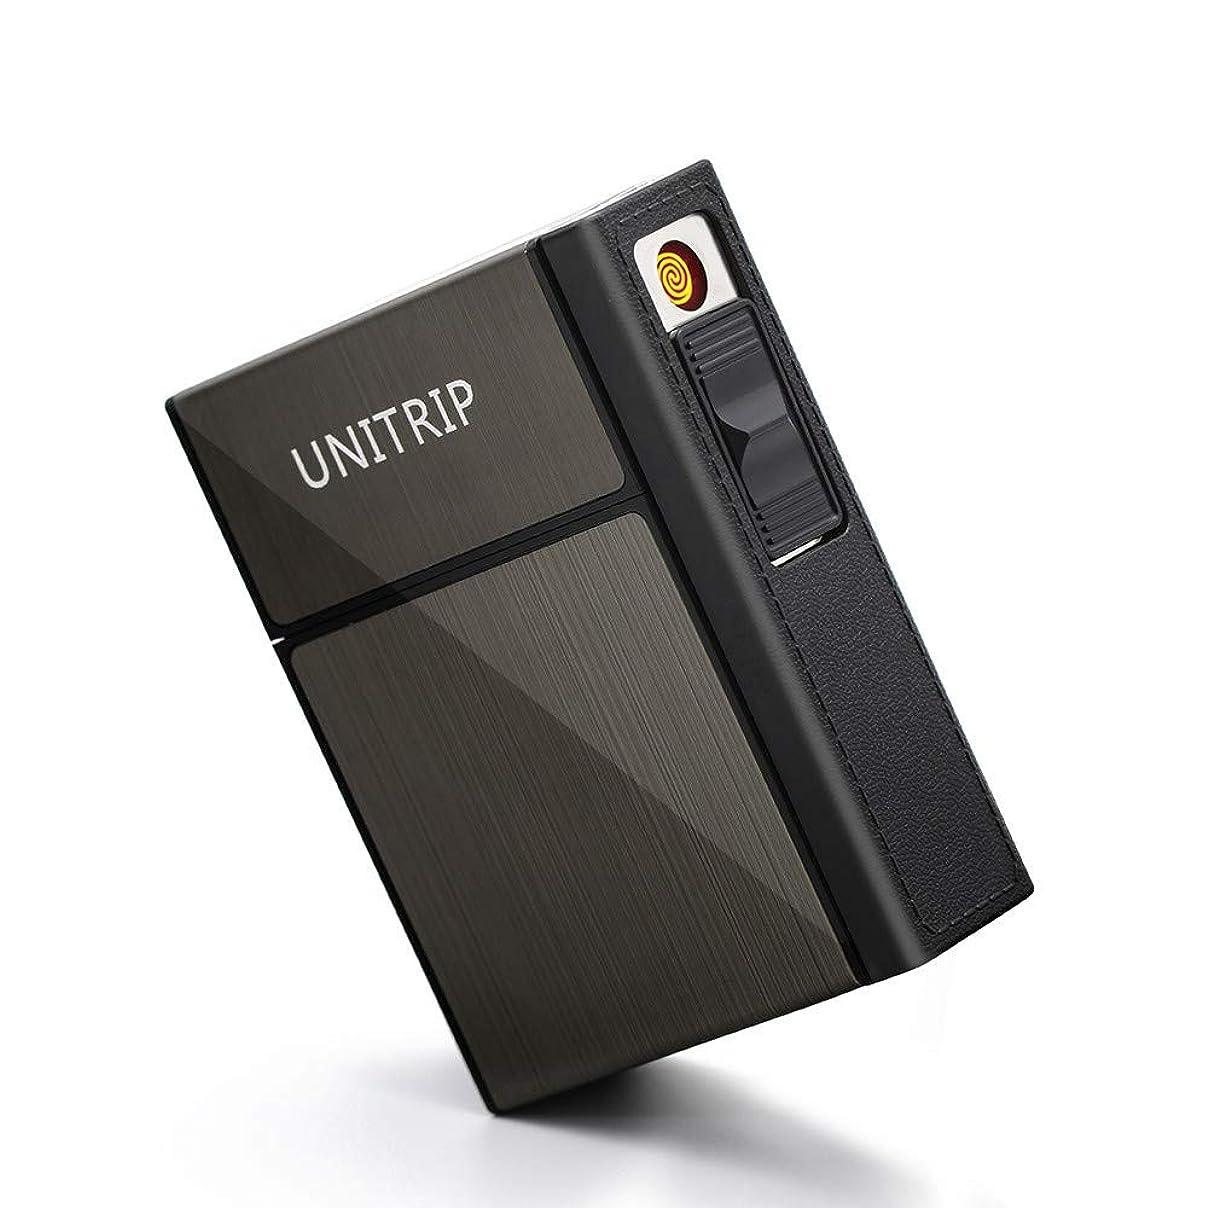 腸四回いまプラズマ ライター 電気 usb ライター Vinngoo 小型 充電式 ガス?オイル不要 防風 軽量 薄型 プレゼント